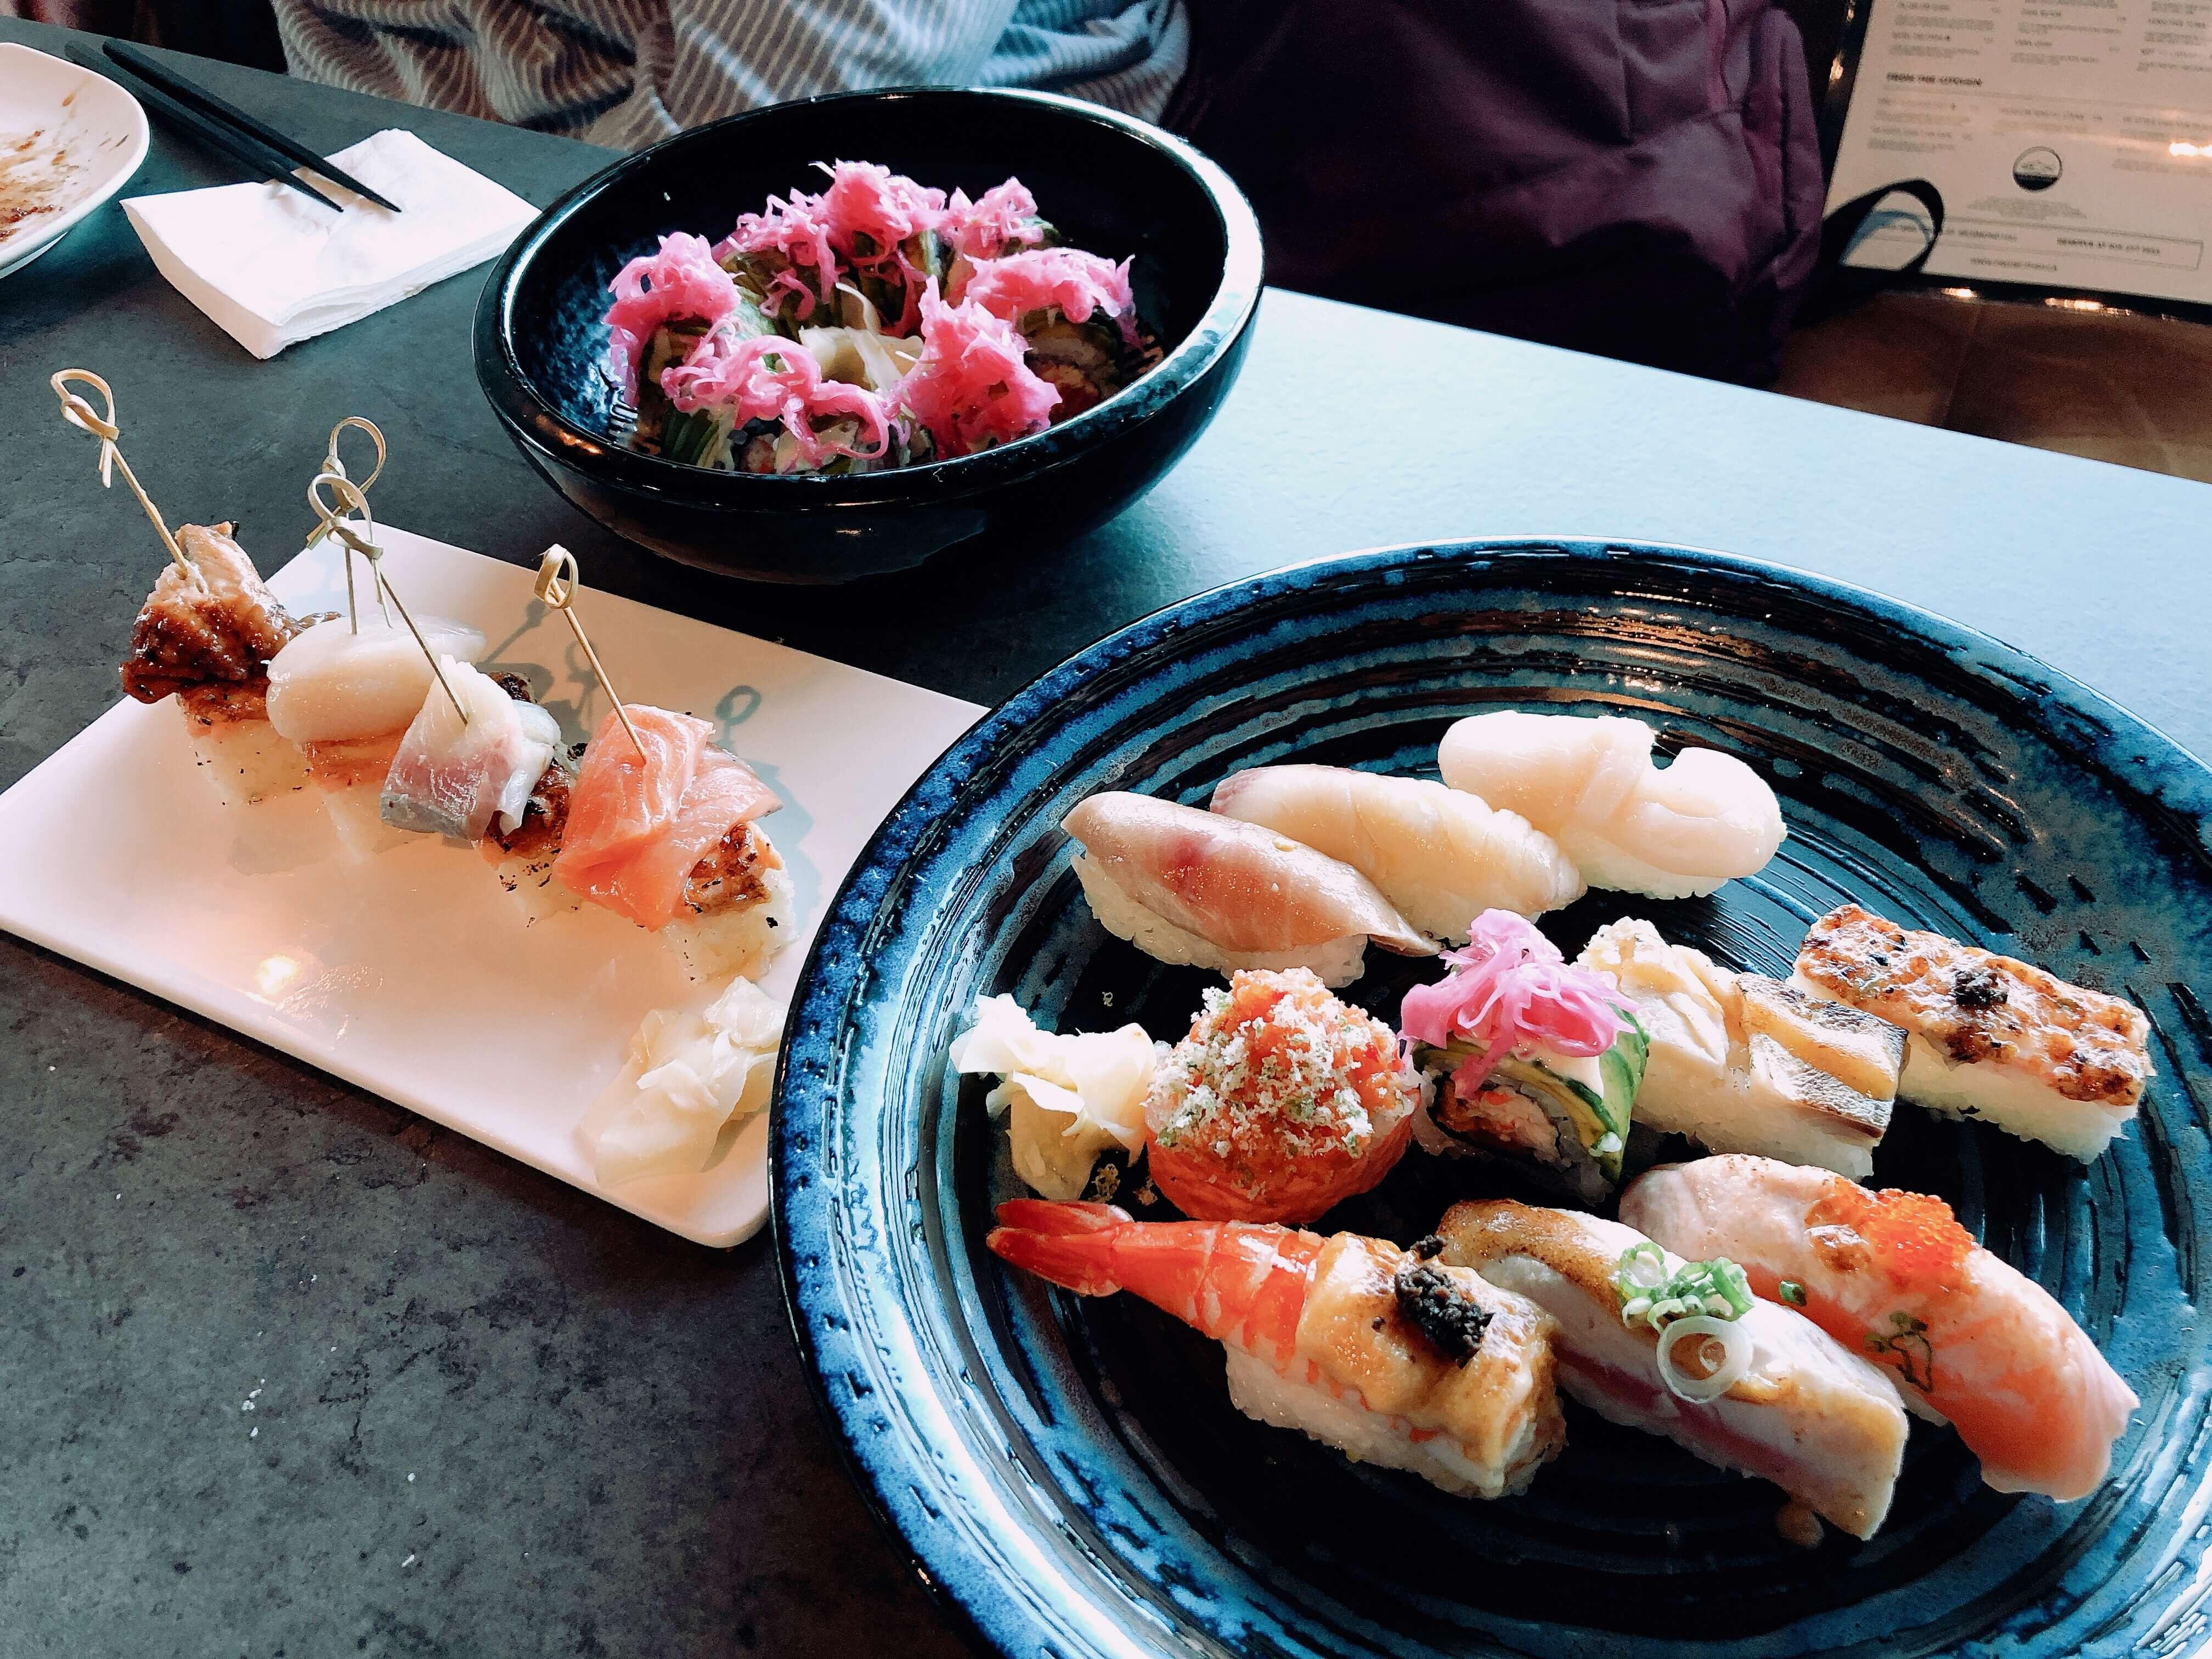 Project fishの寿司